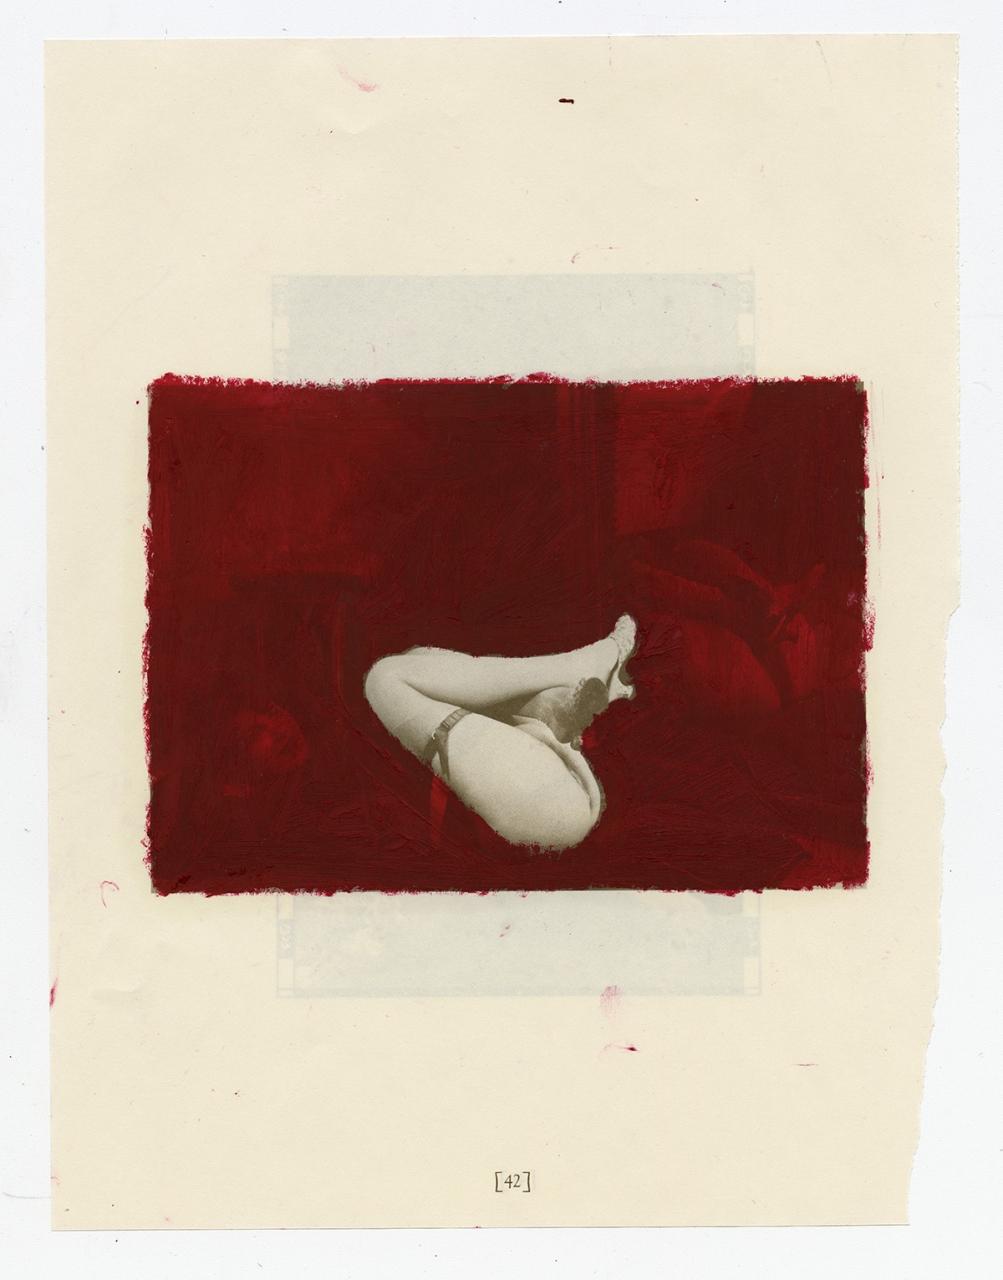 Sondra Meszaros, strange spot, 2018 - 2019. Oil pastel on found book page, 12.25 x 14.75.